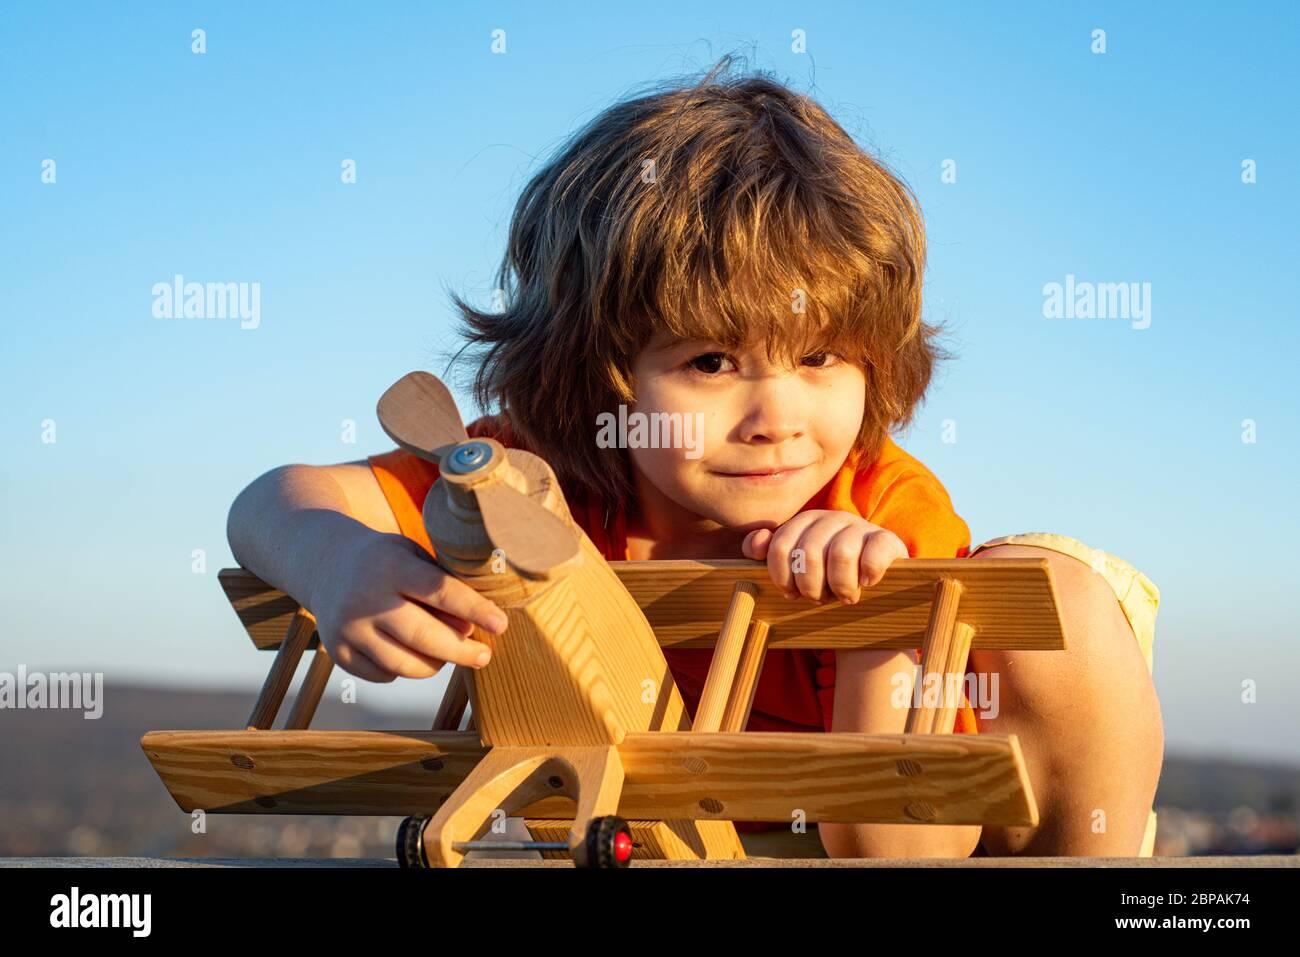 Feliz niño sueña con viajar y jugar con juguete avión. Pequeño aviador piloto en el exterior contra el fondo azul del cielo de verano. Sueños de niños Foto de stock